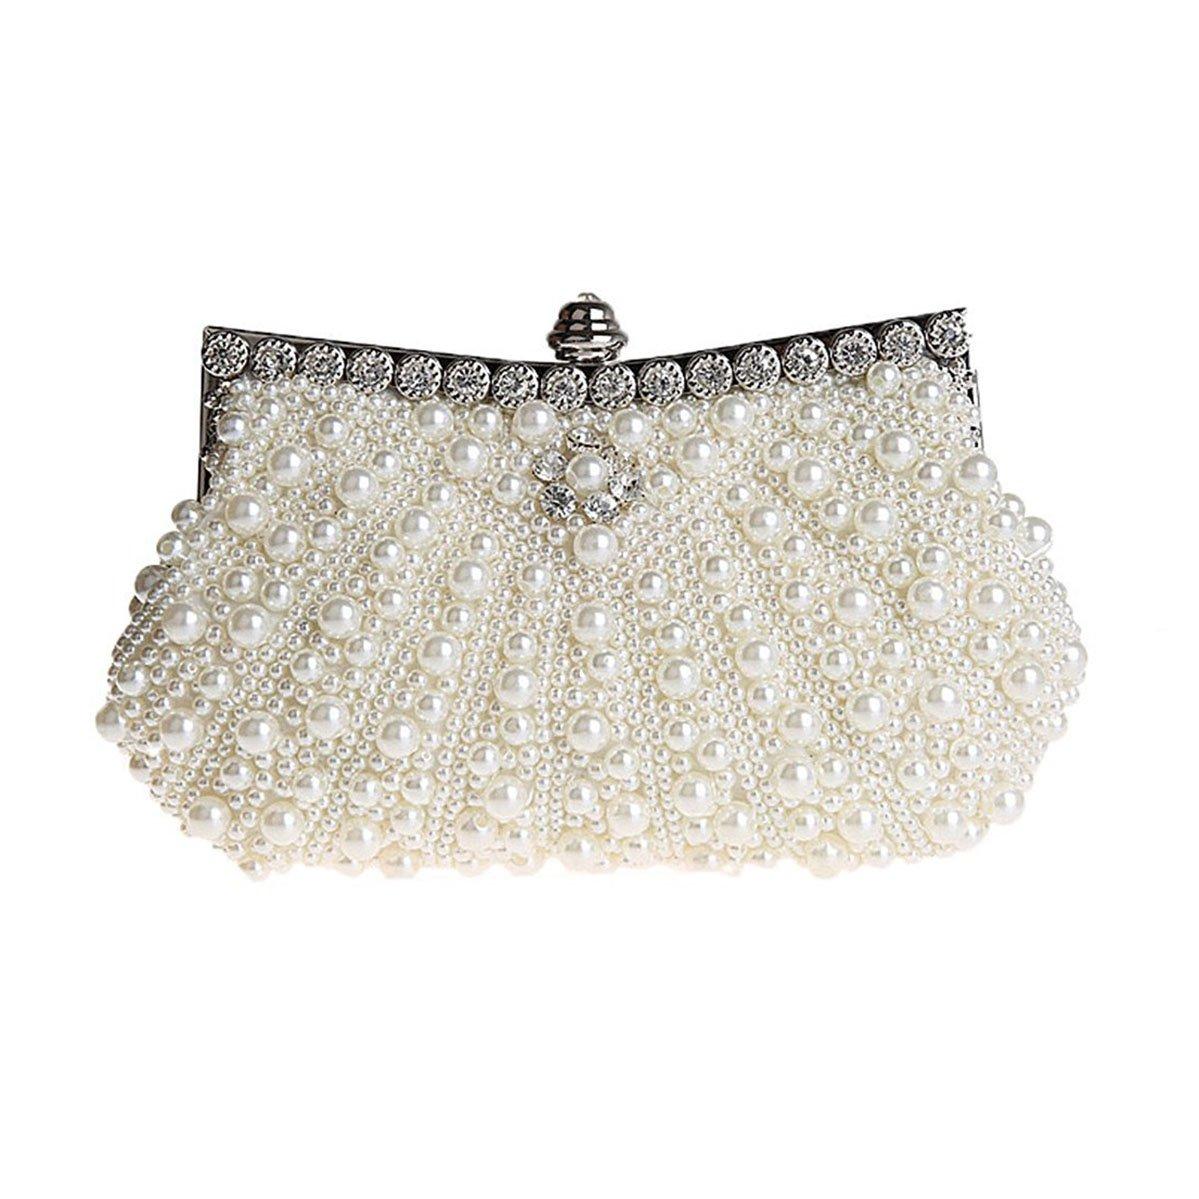 9c32cf775e HONGCI Glitter Faux Pearl Beaded Rhinestone Women s Clutch Bag ...